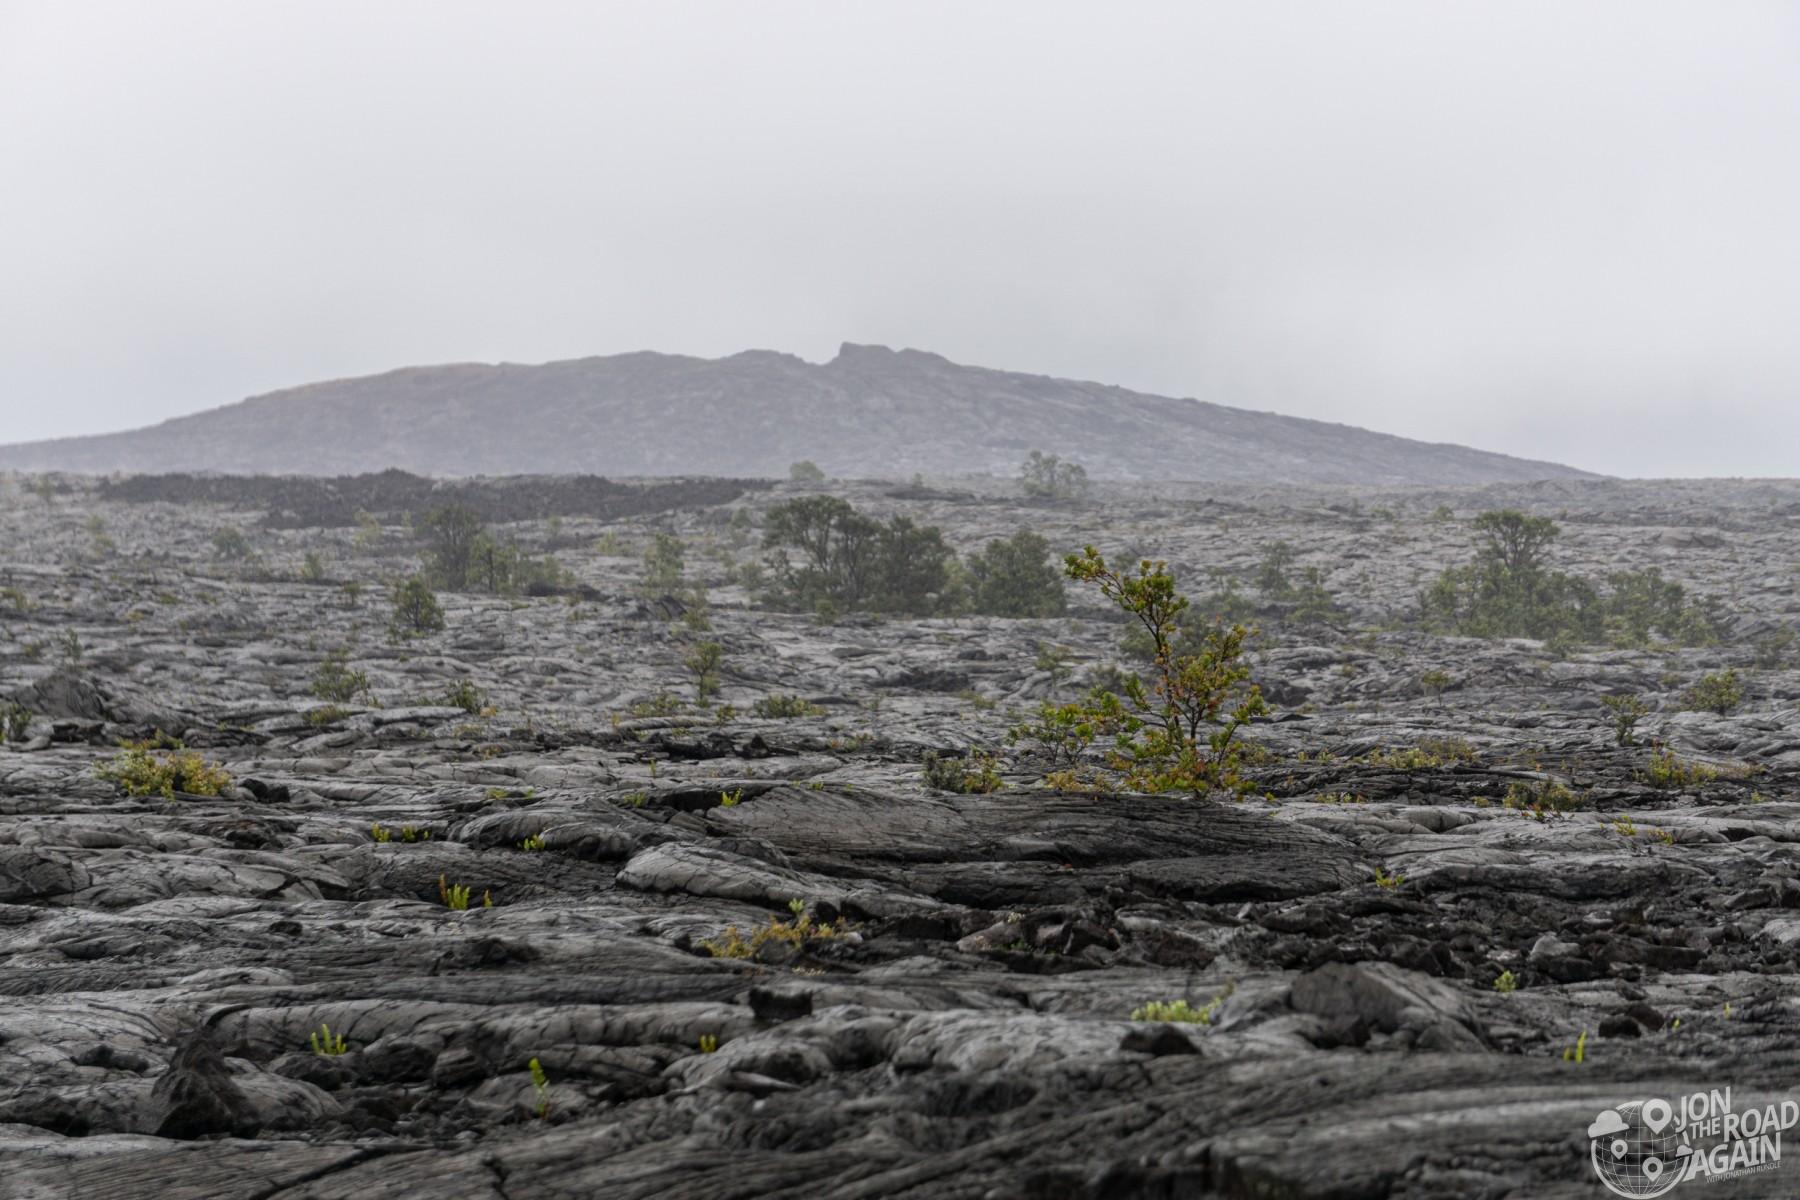 Mount Ulu lava field